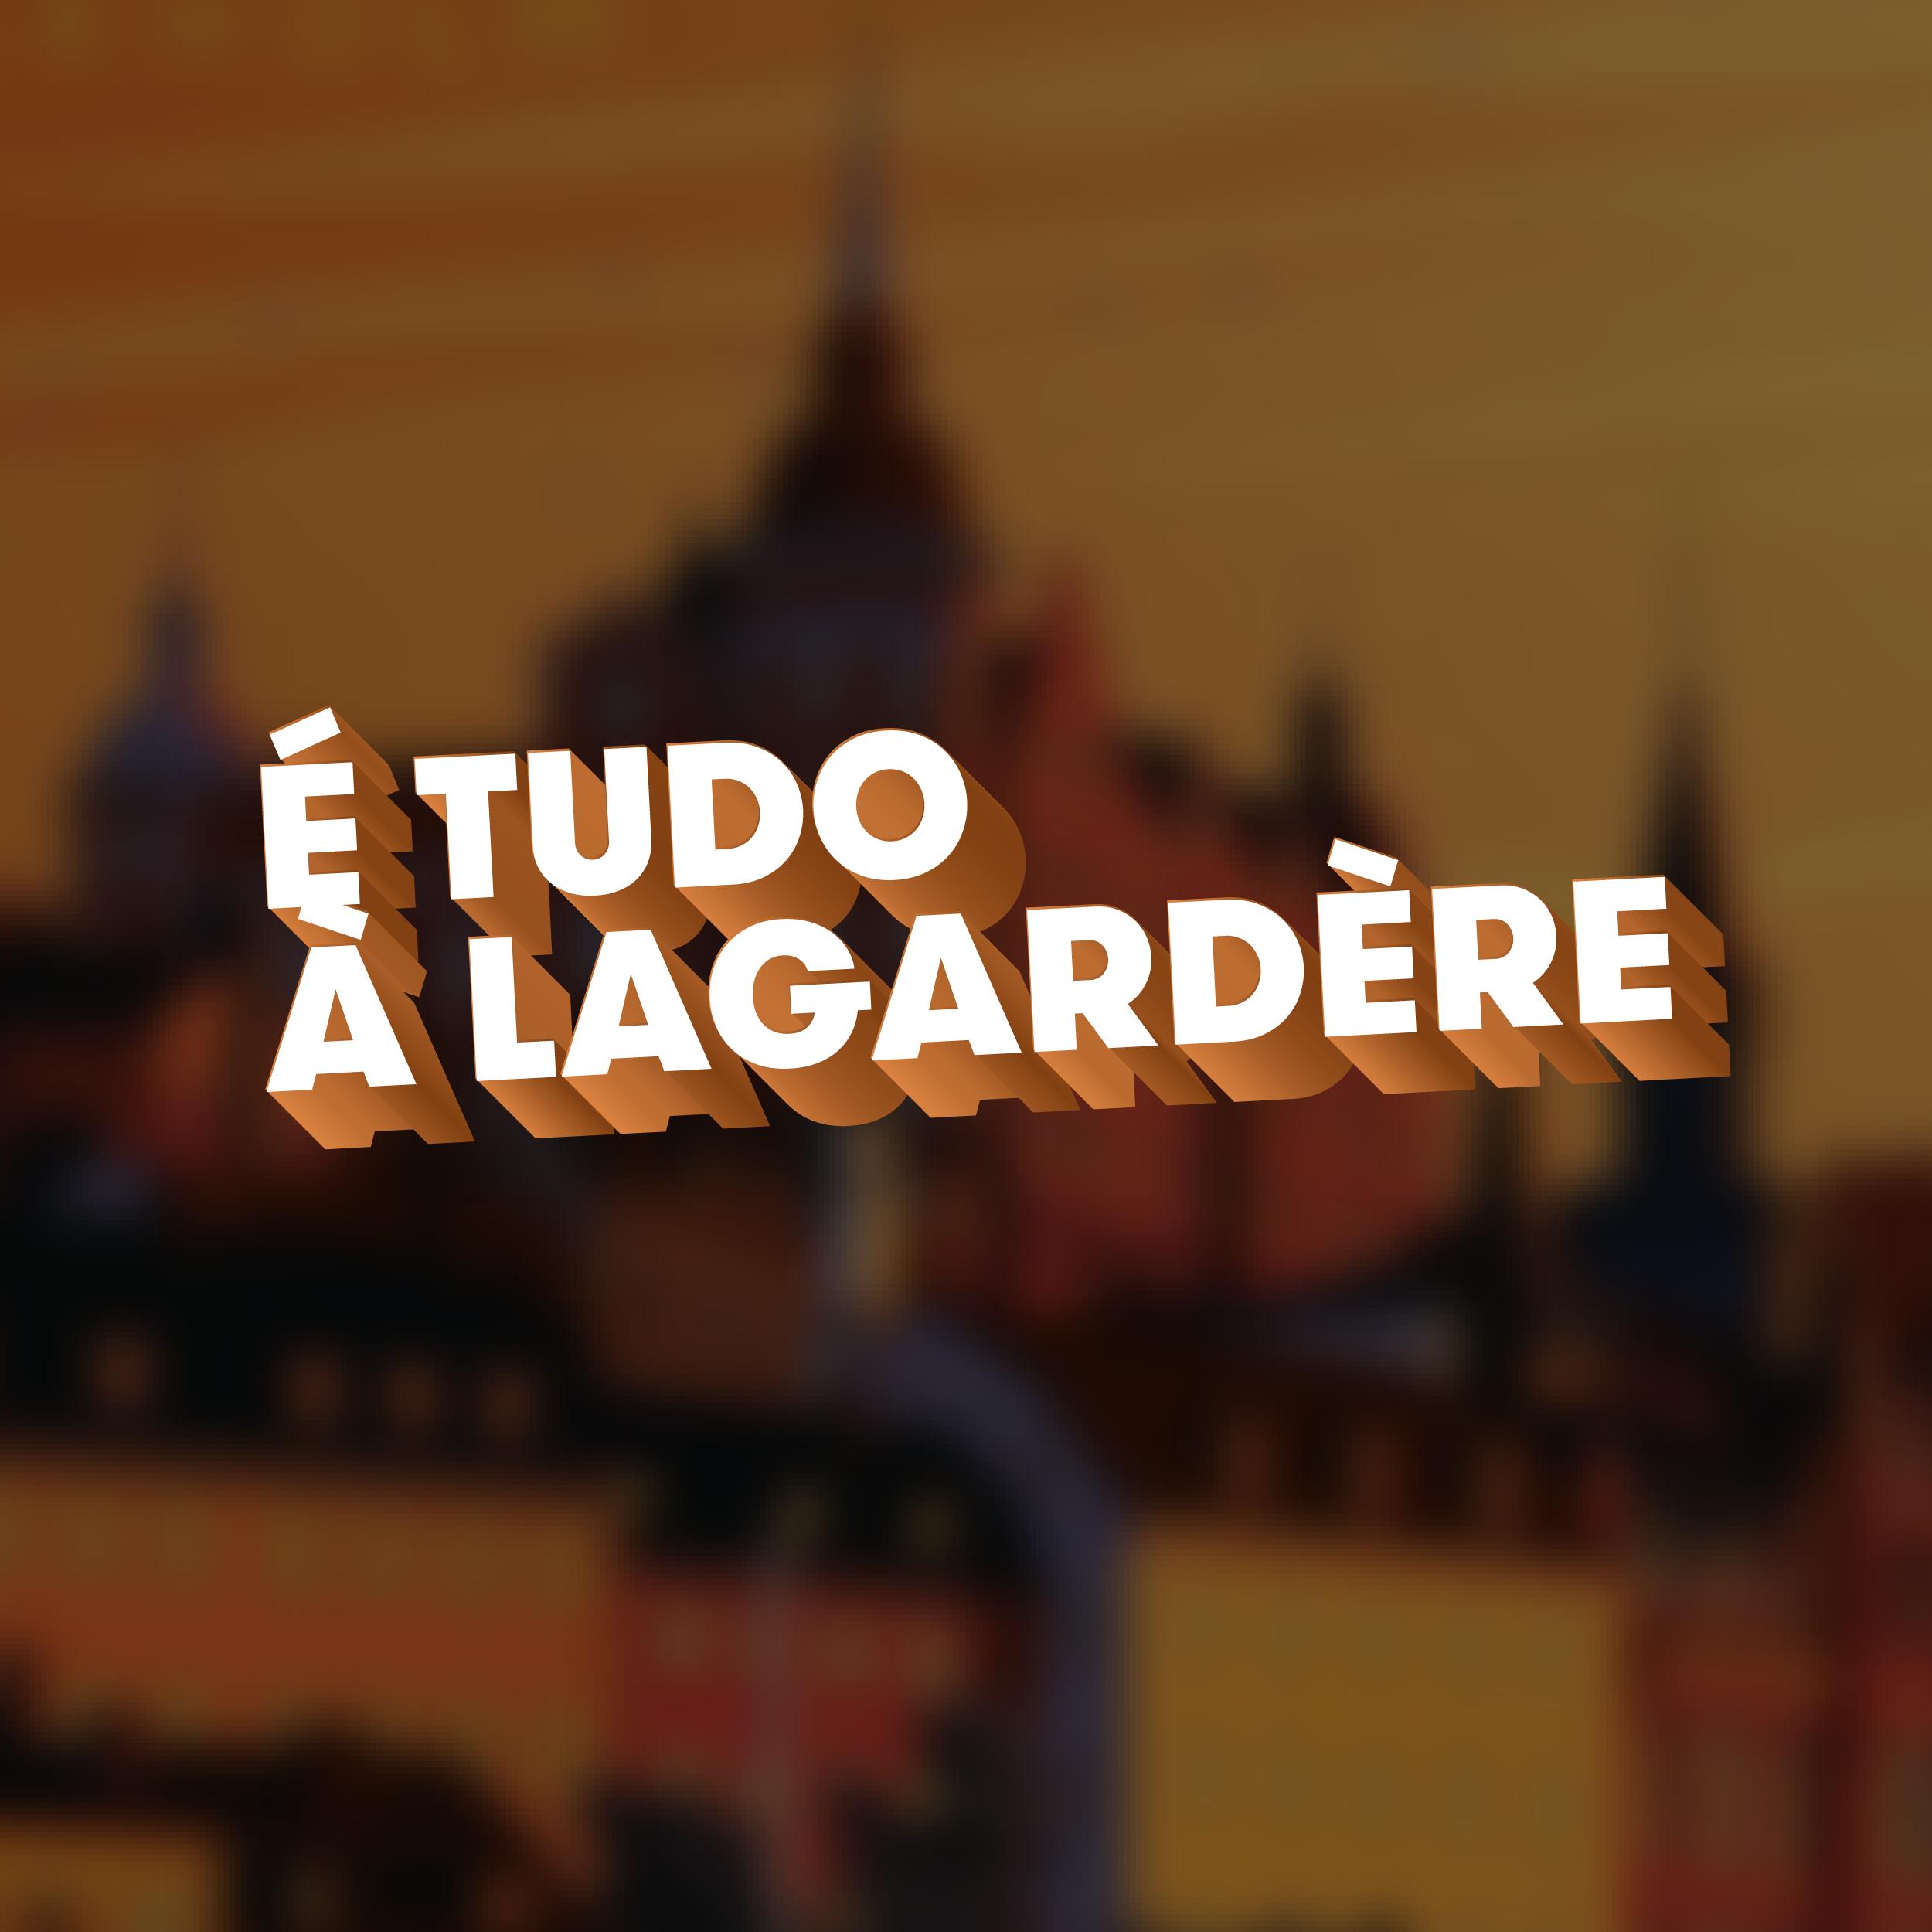 LAG_NARCISO_01_04_2021